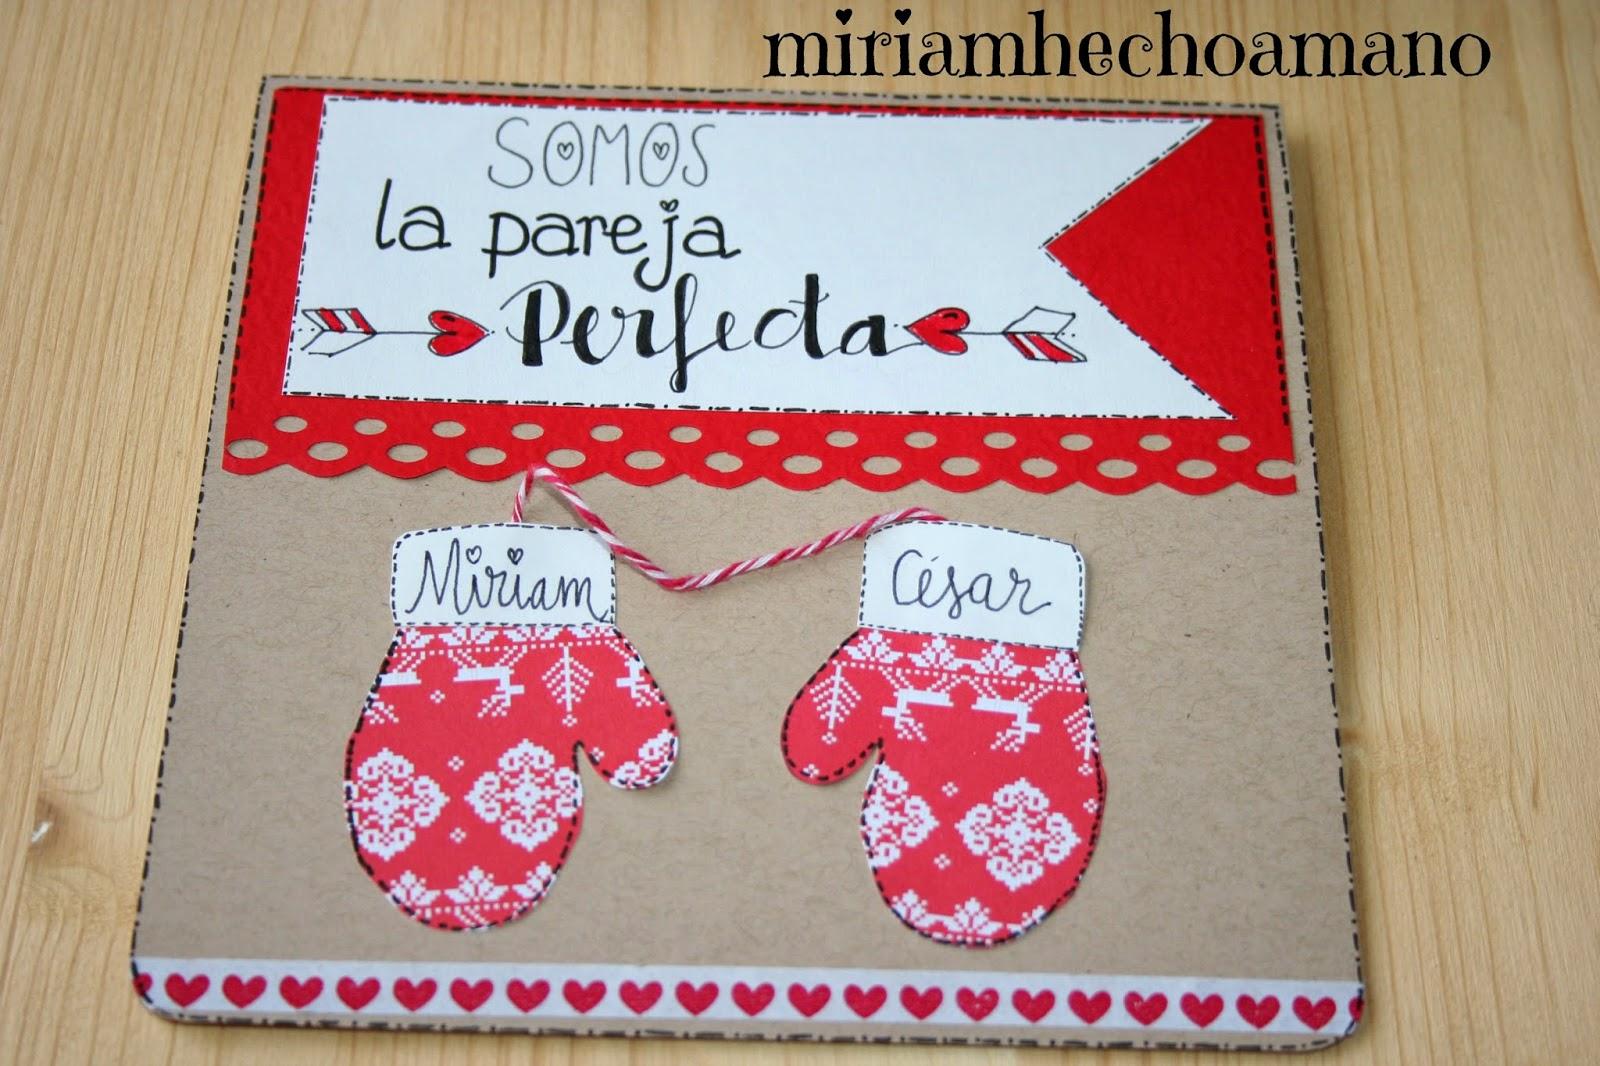 Miriam hecho a mano ideas de san valentin hechas a mano - Album para san valentin ...